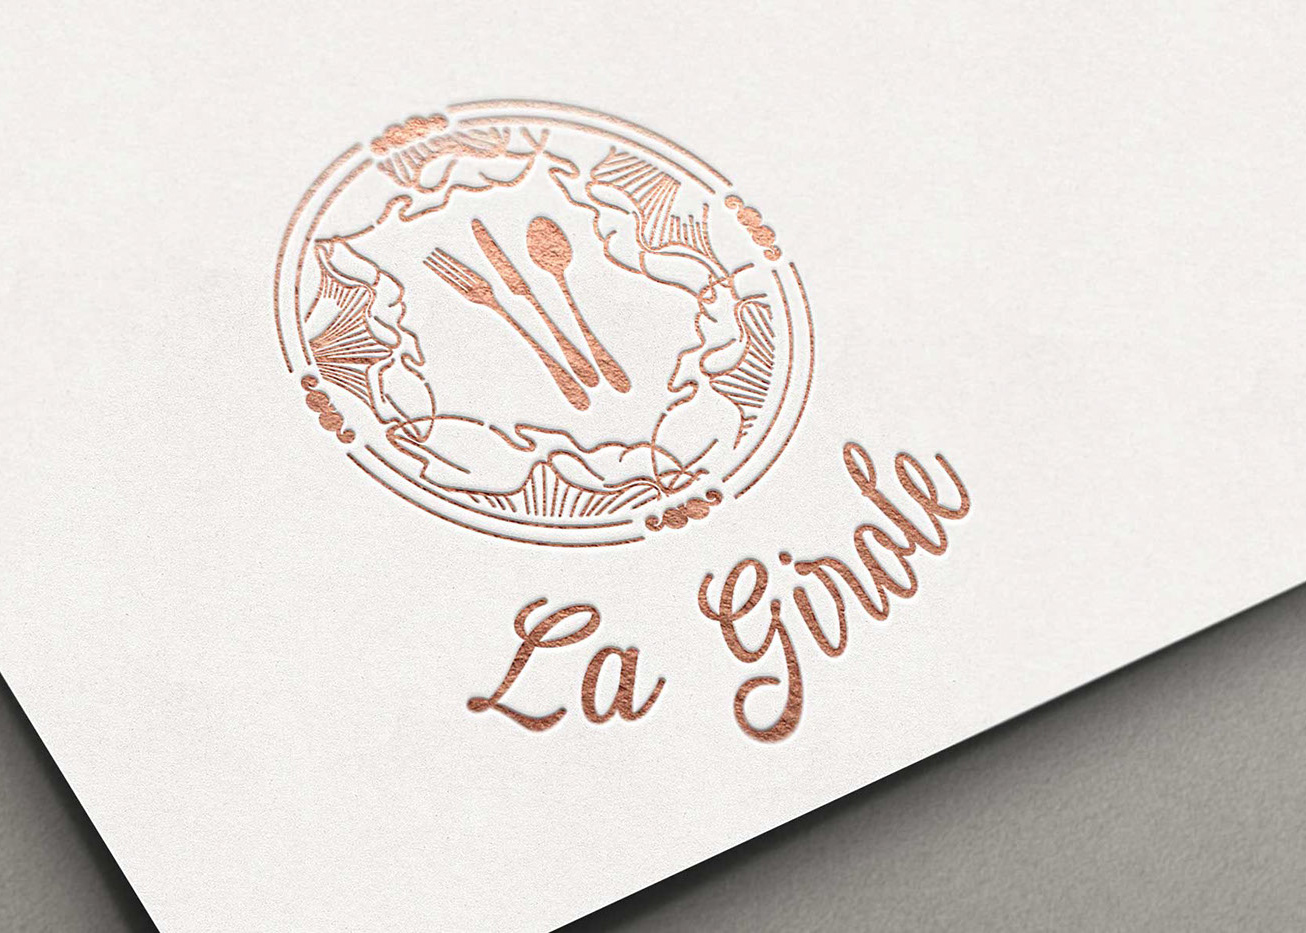 loolye labat graphiste webdesigner logo restaurant gastronomique la girole grenoble. Black Bedroom Furniture Sets. Home Design Ideas